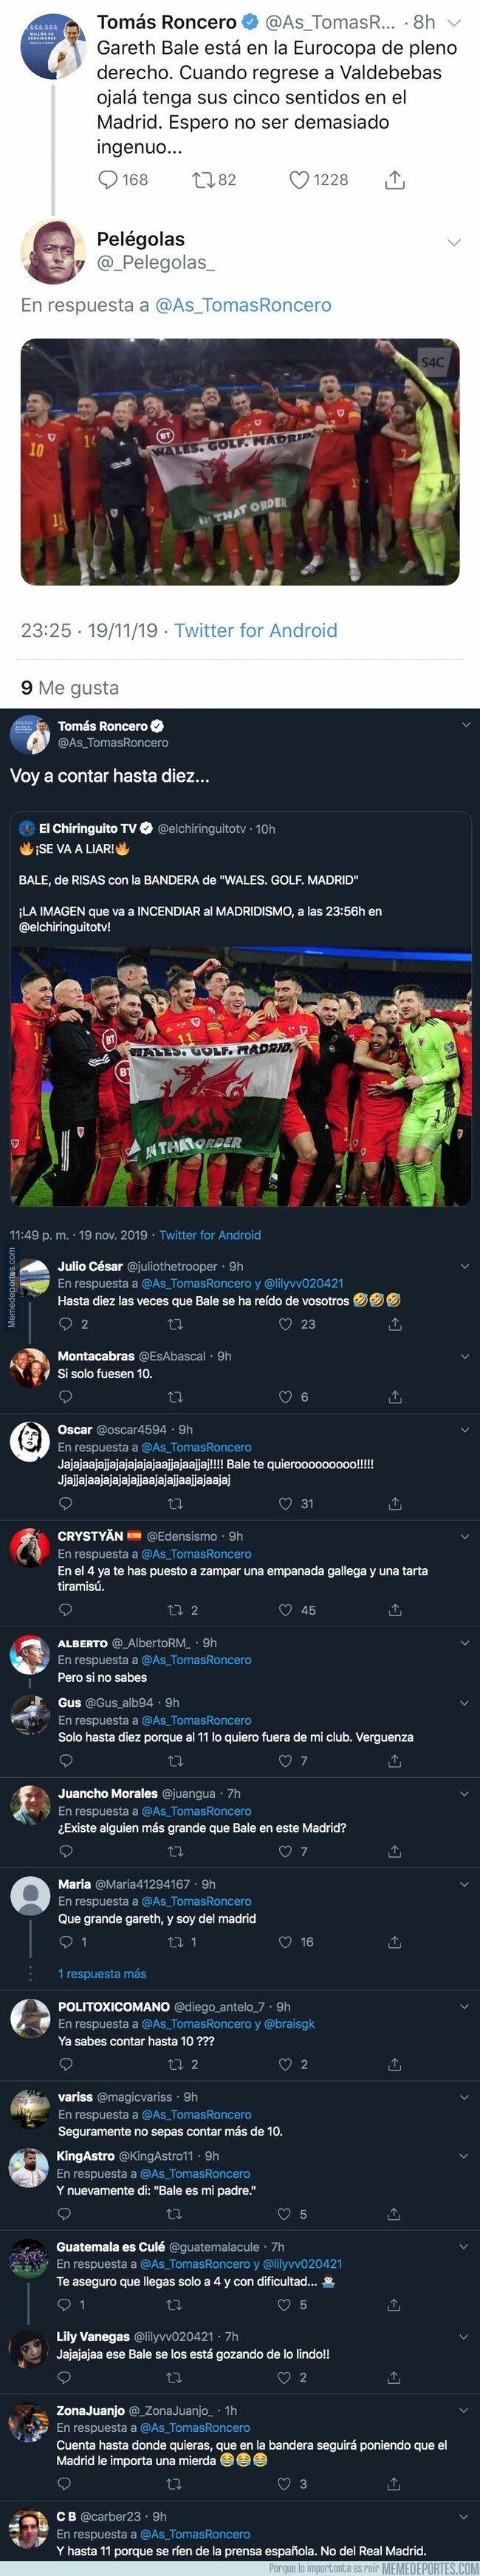 1091580 - Tomás Roncero se lleva el palo más duro con Gareth Bale tras decir esto hace unos días